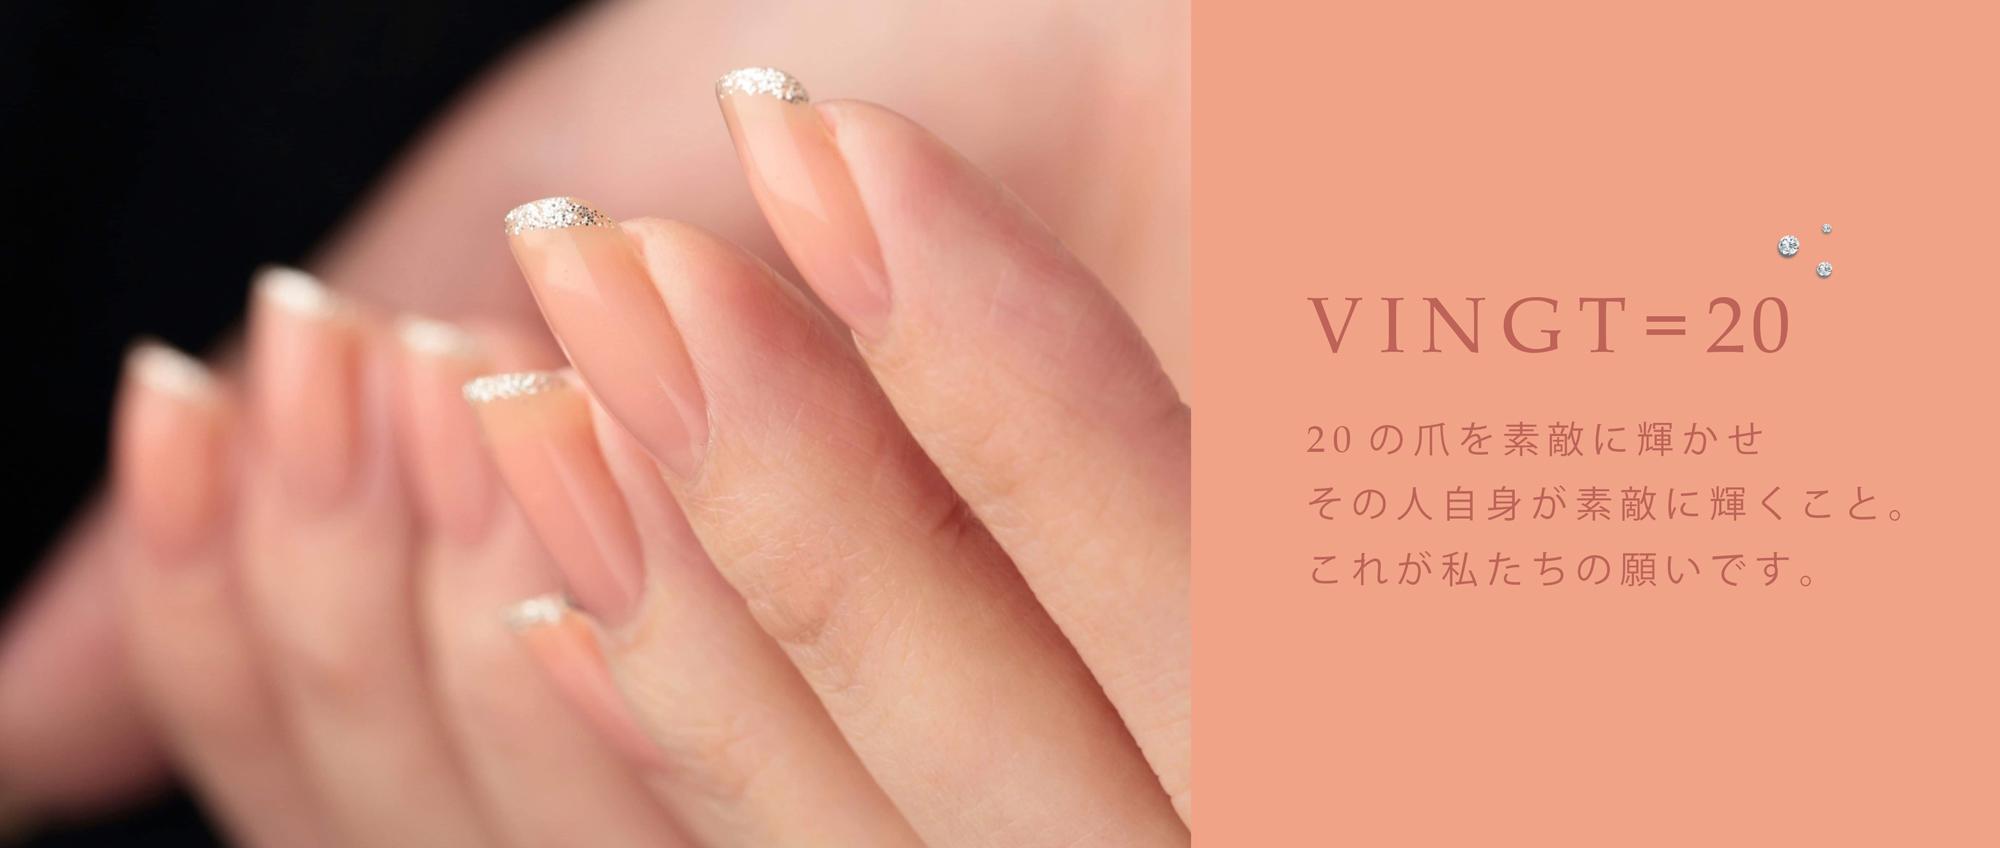 VINGT=20 20の爪を素敵に輝かせ、その人自身が素敵に輝くこと。これが私たちの願いです。